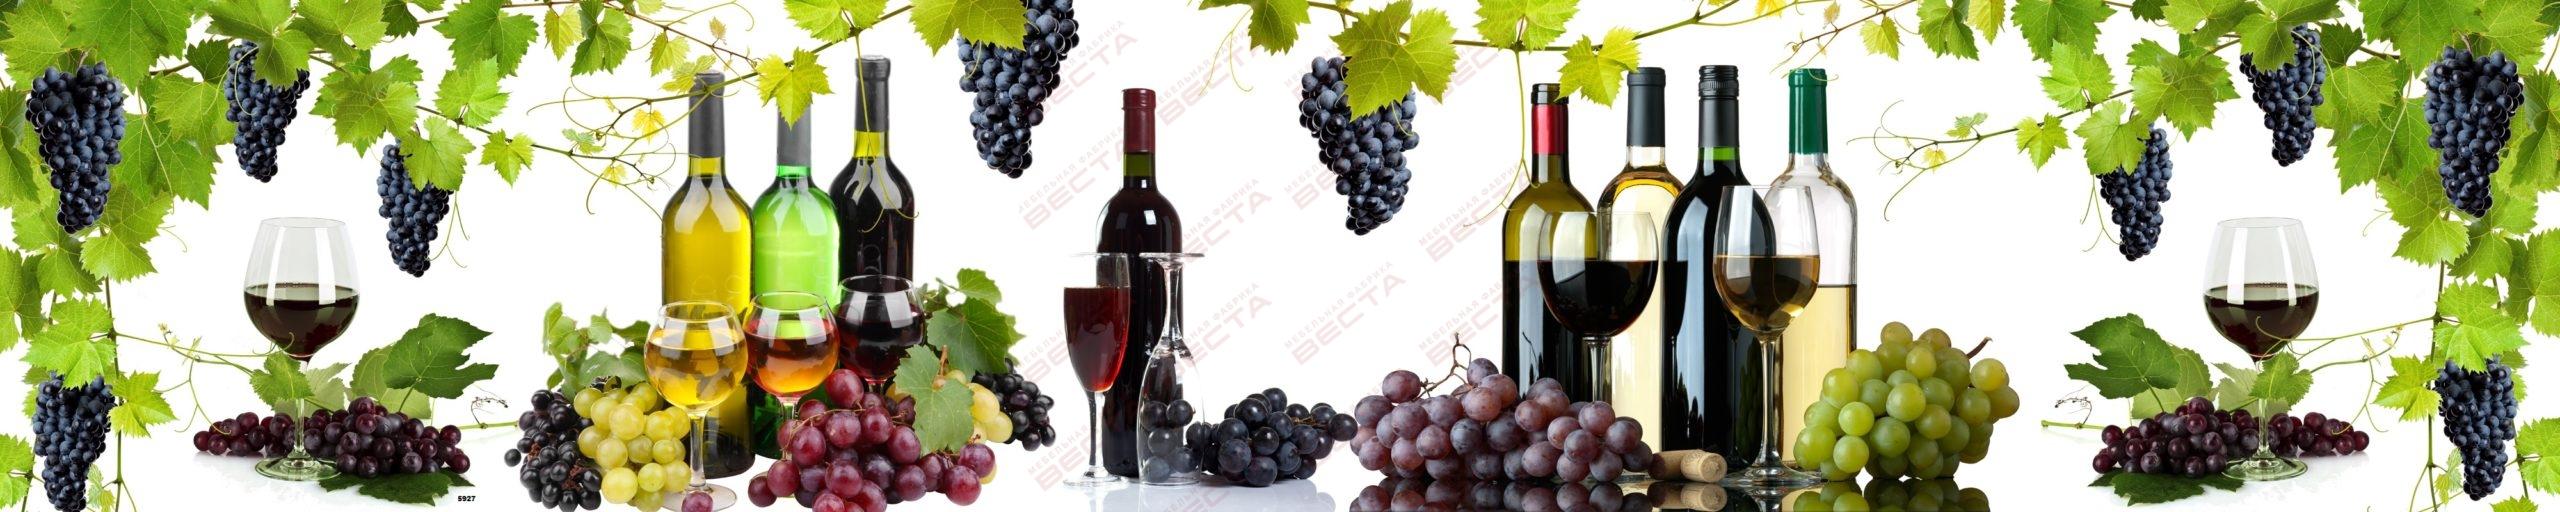 Фартуки Еда, напитки,фрукты,ягоды-26